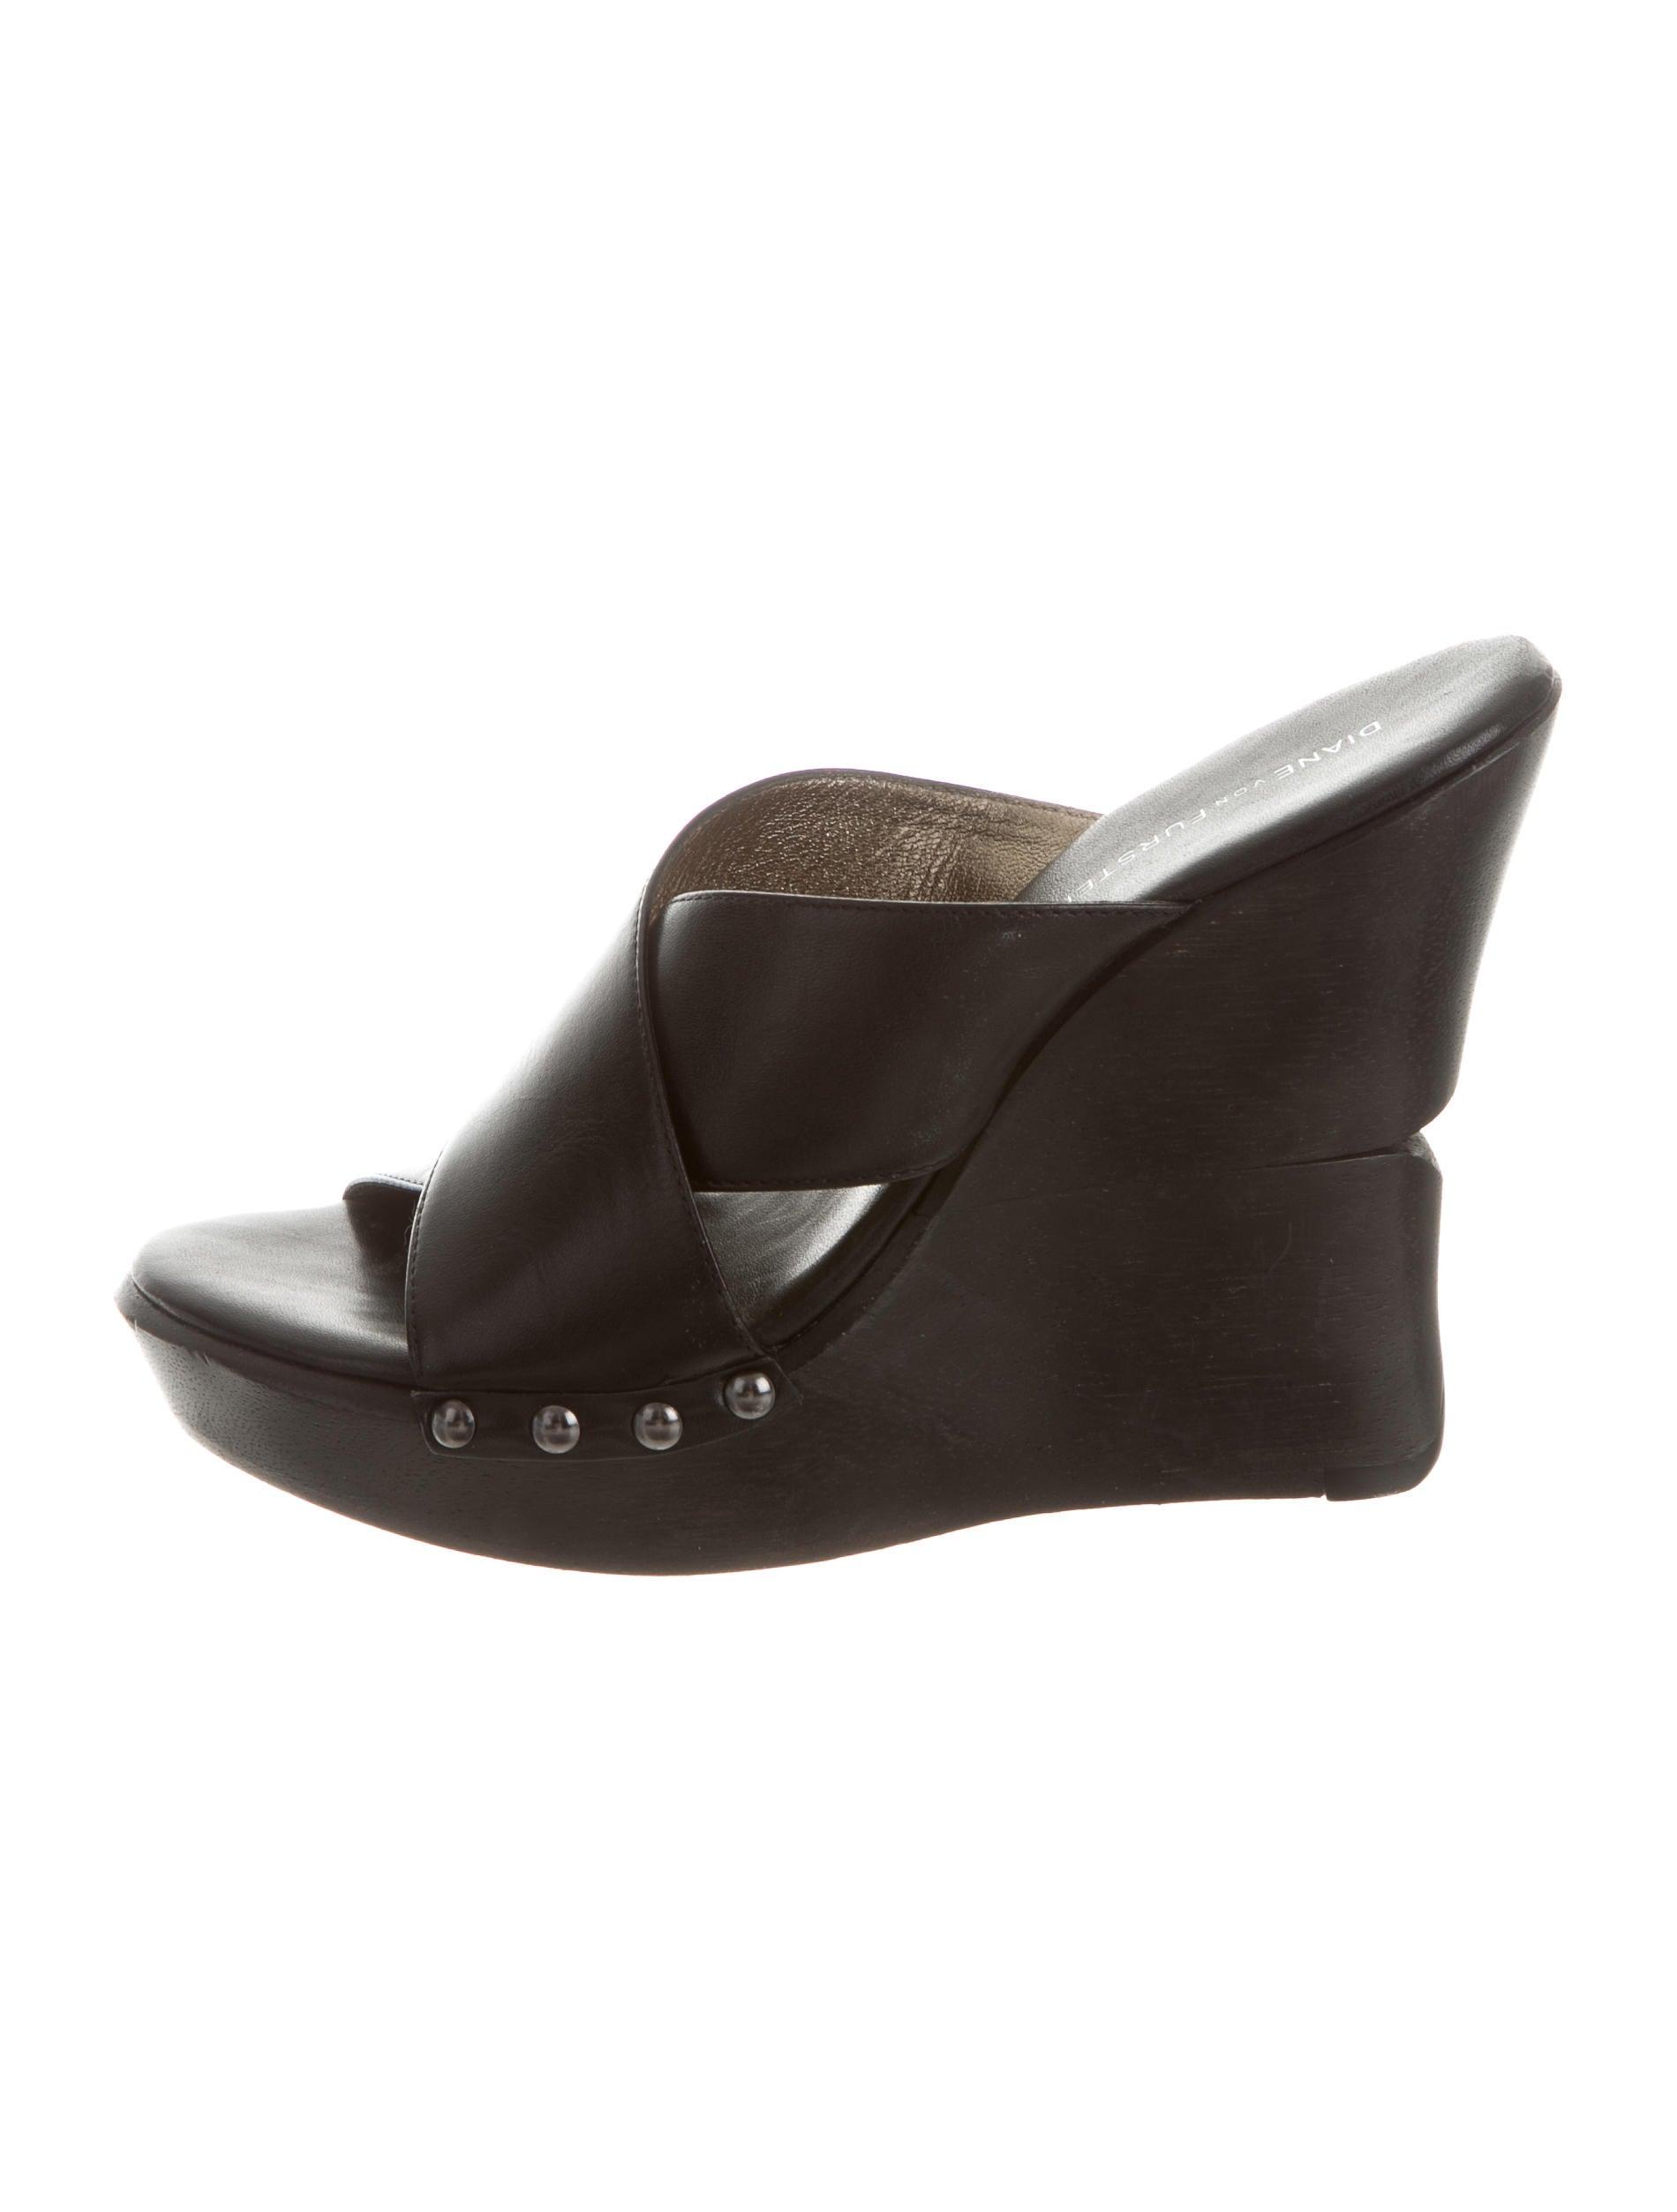 diane furstenberg leather slide wedges shoes